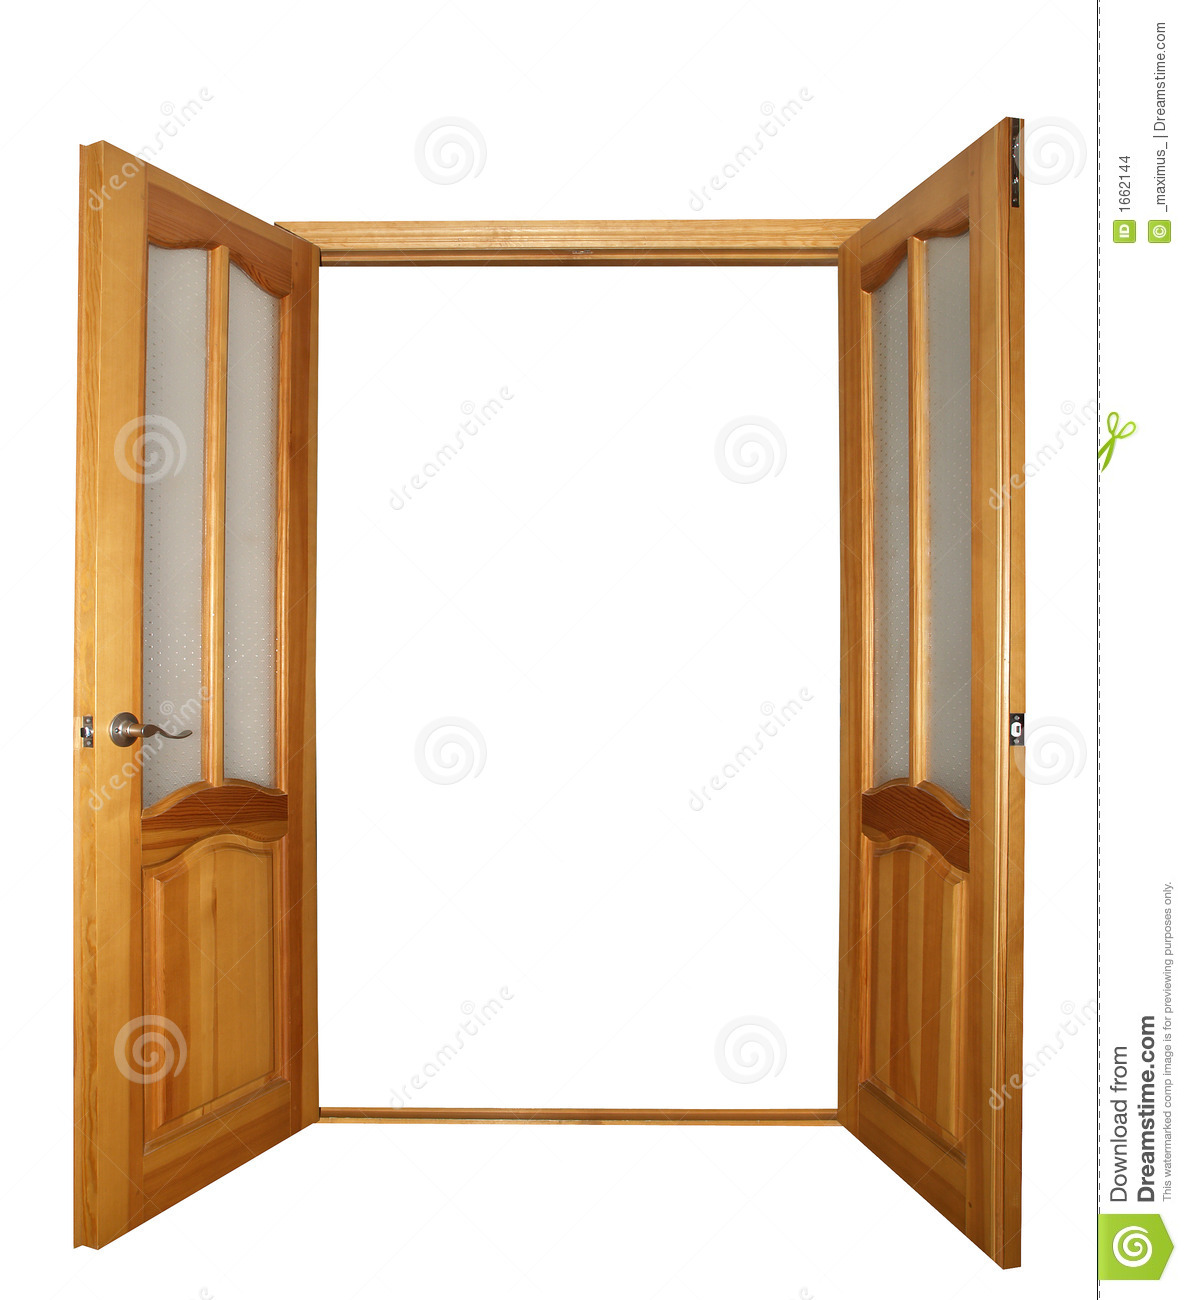 Door clipart door frame #4